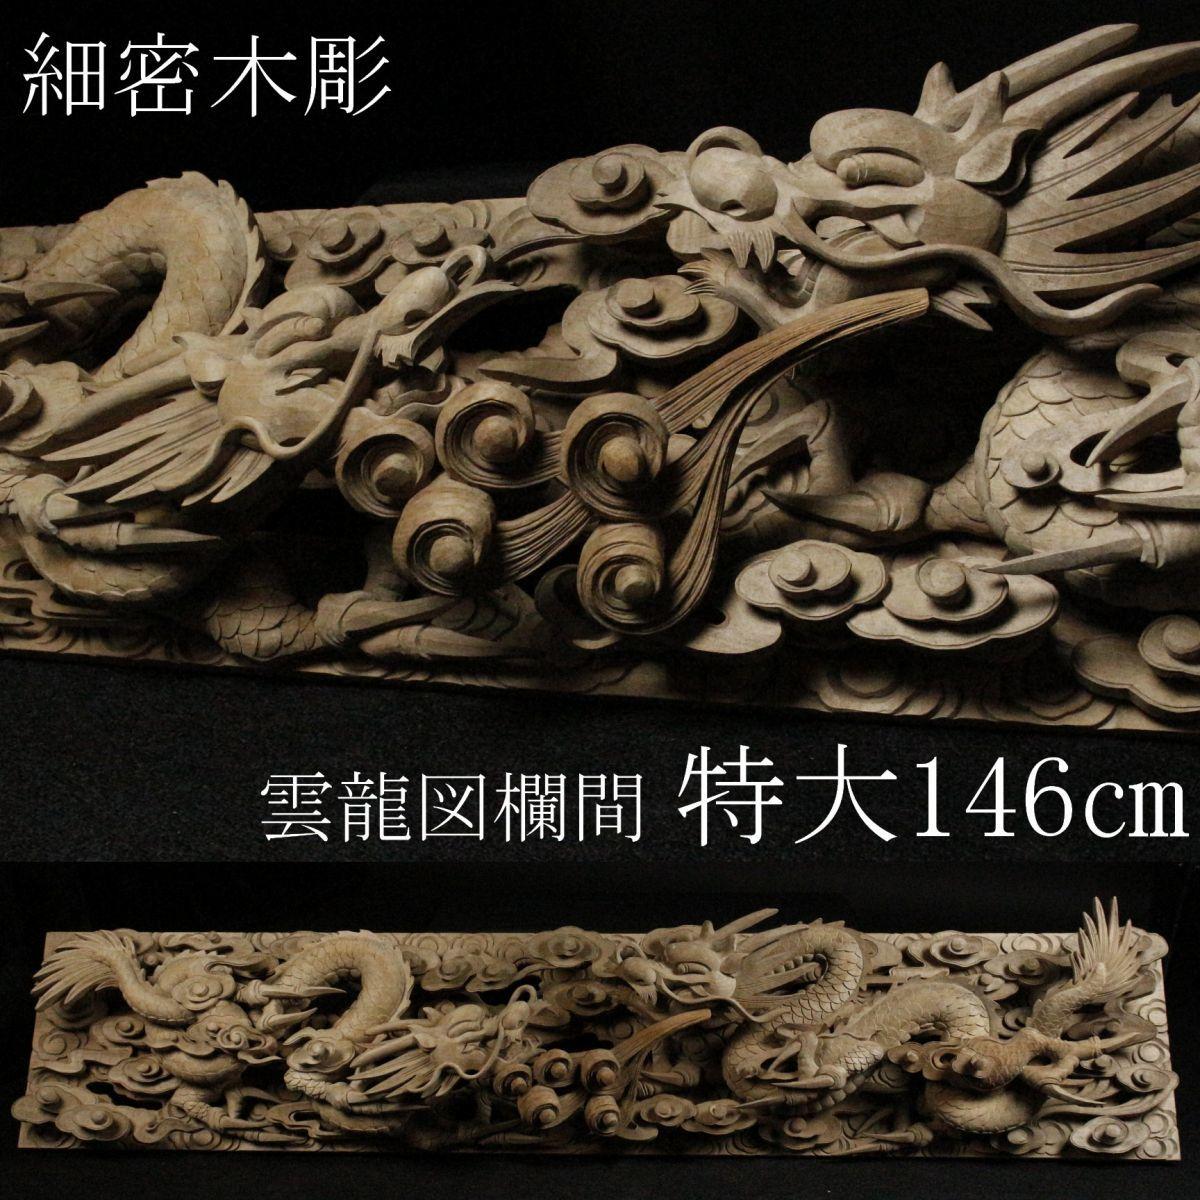 【LIG】寺院引取品 木造木彫 細密彫刻 雲龍図欄間 特大146㎝ 寺院装飾 仏教美術 ③ [-QEP]05